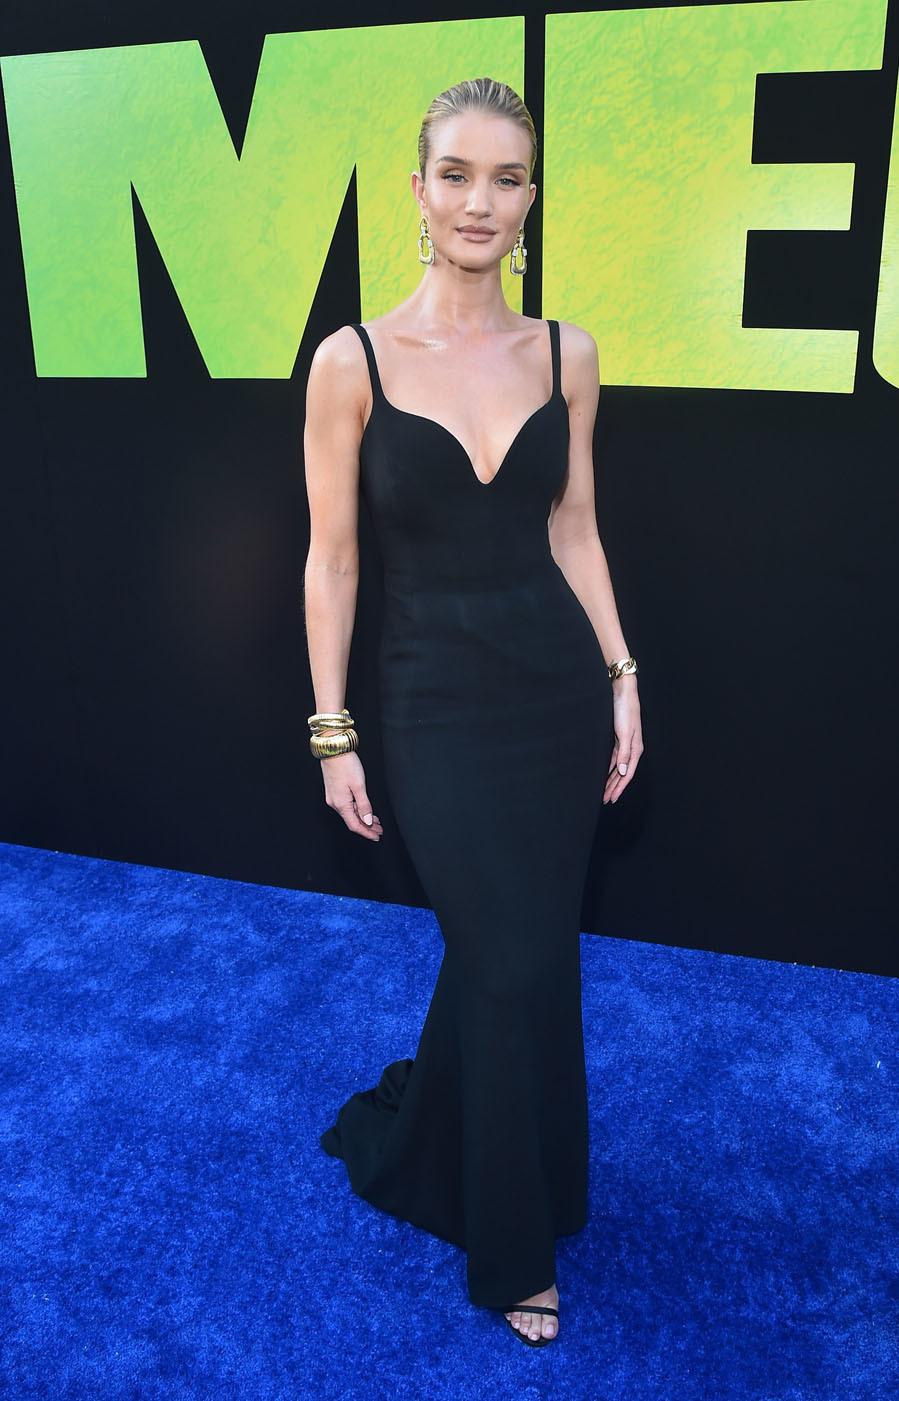 La modelo adora el negro y para asistir al estreno de The Meg en Los...